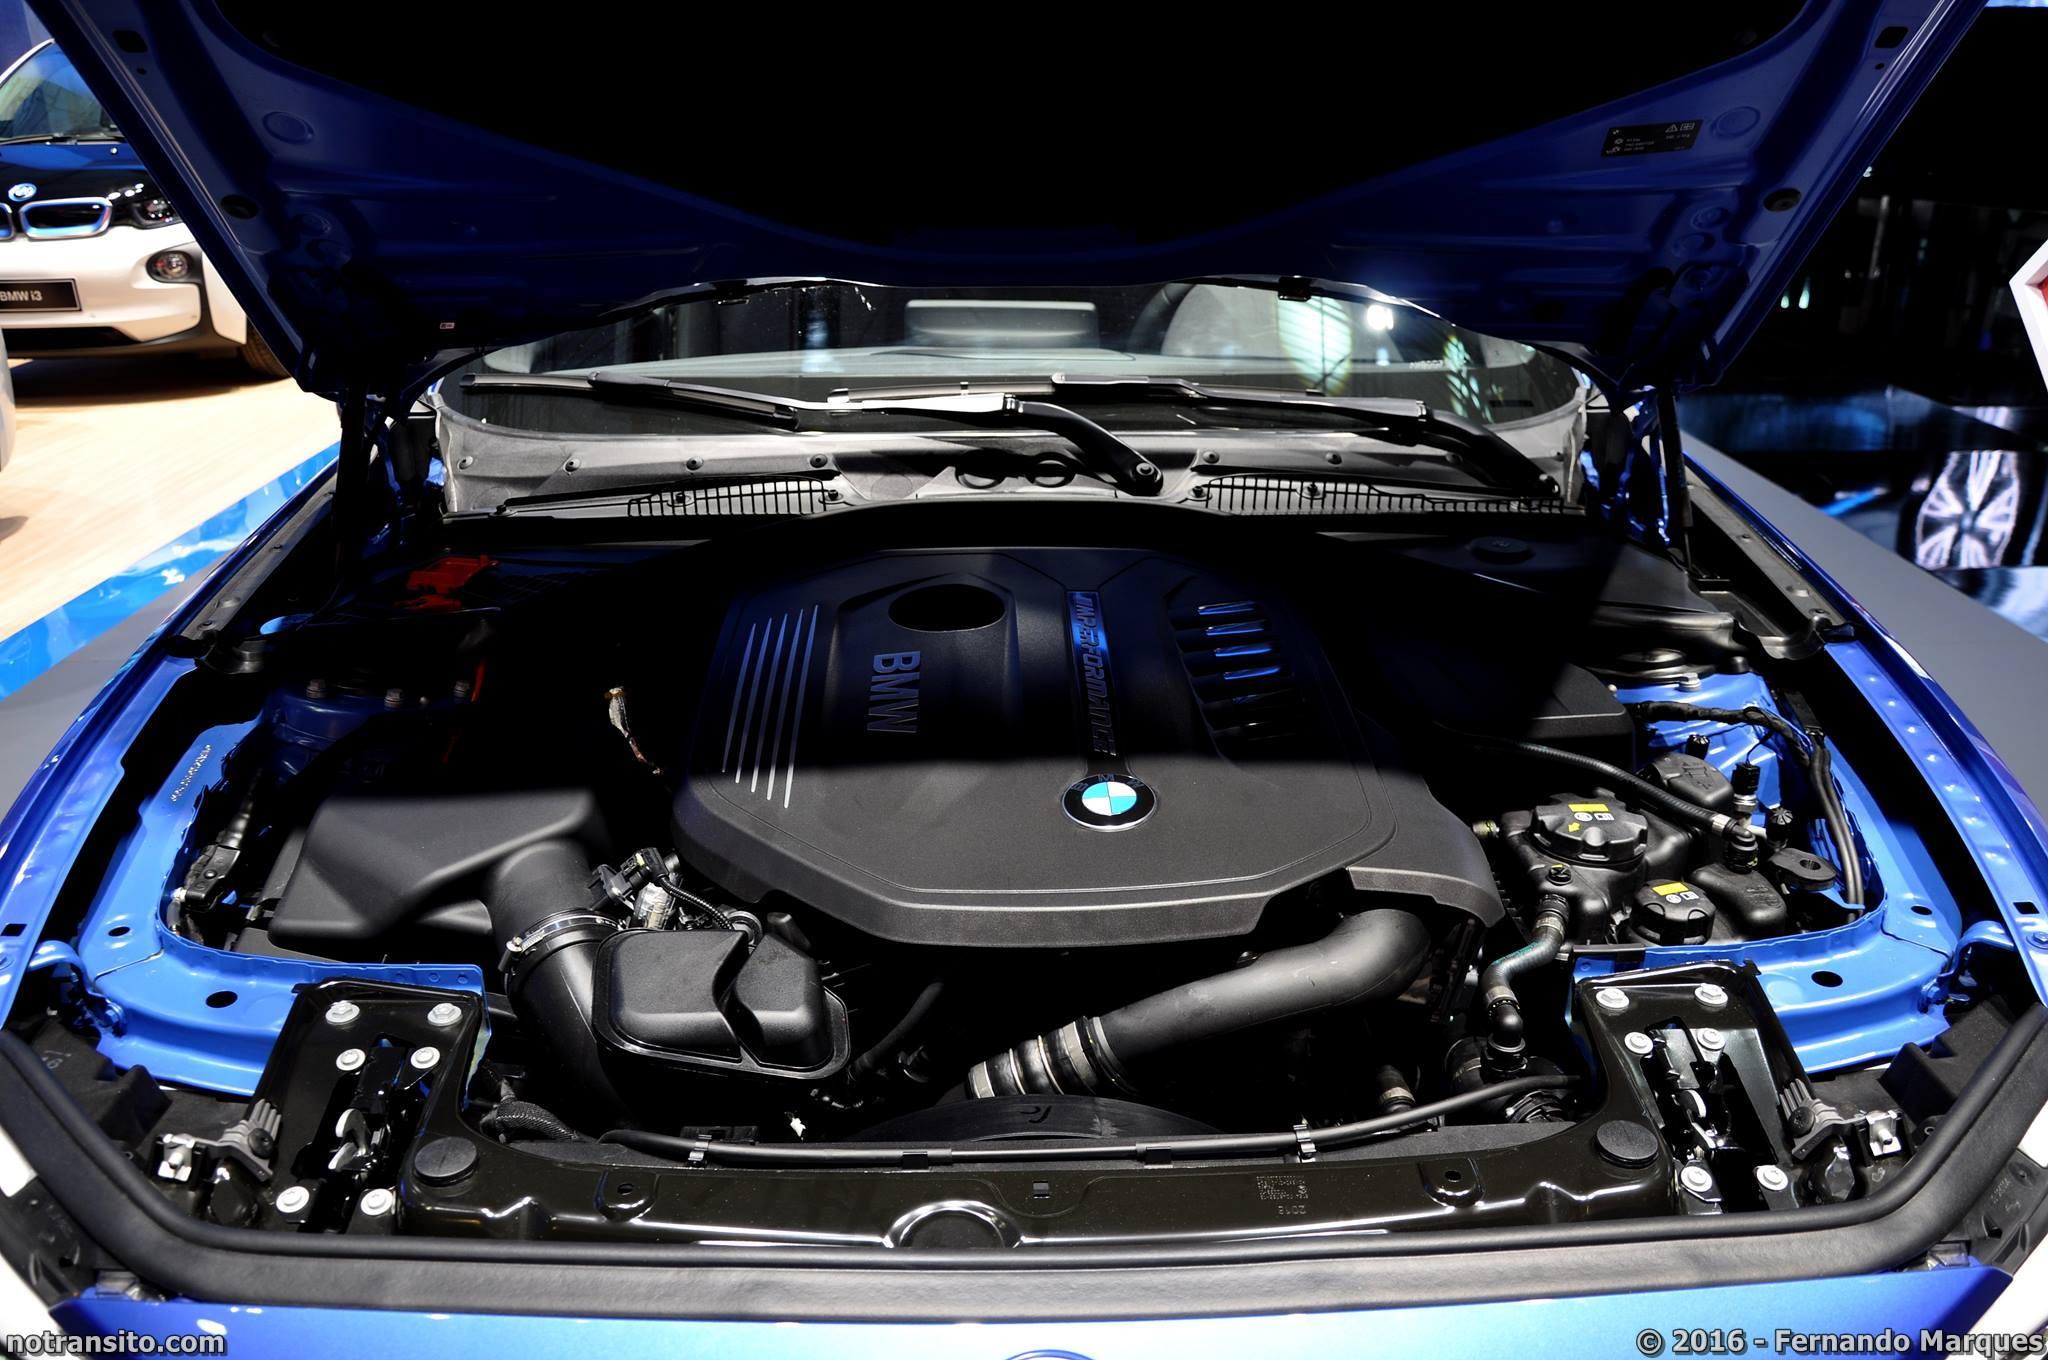 BMW M140i, Salão do Automóvel 2016, 29º Salão do Automóvel de São Paulo